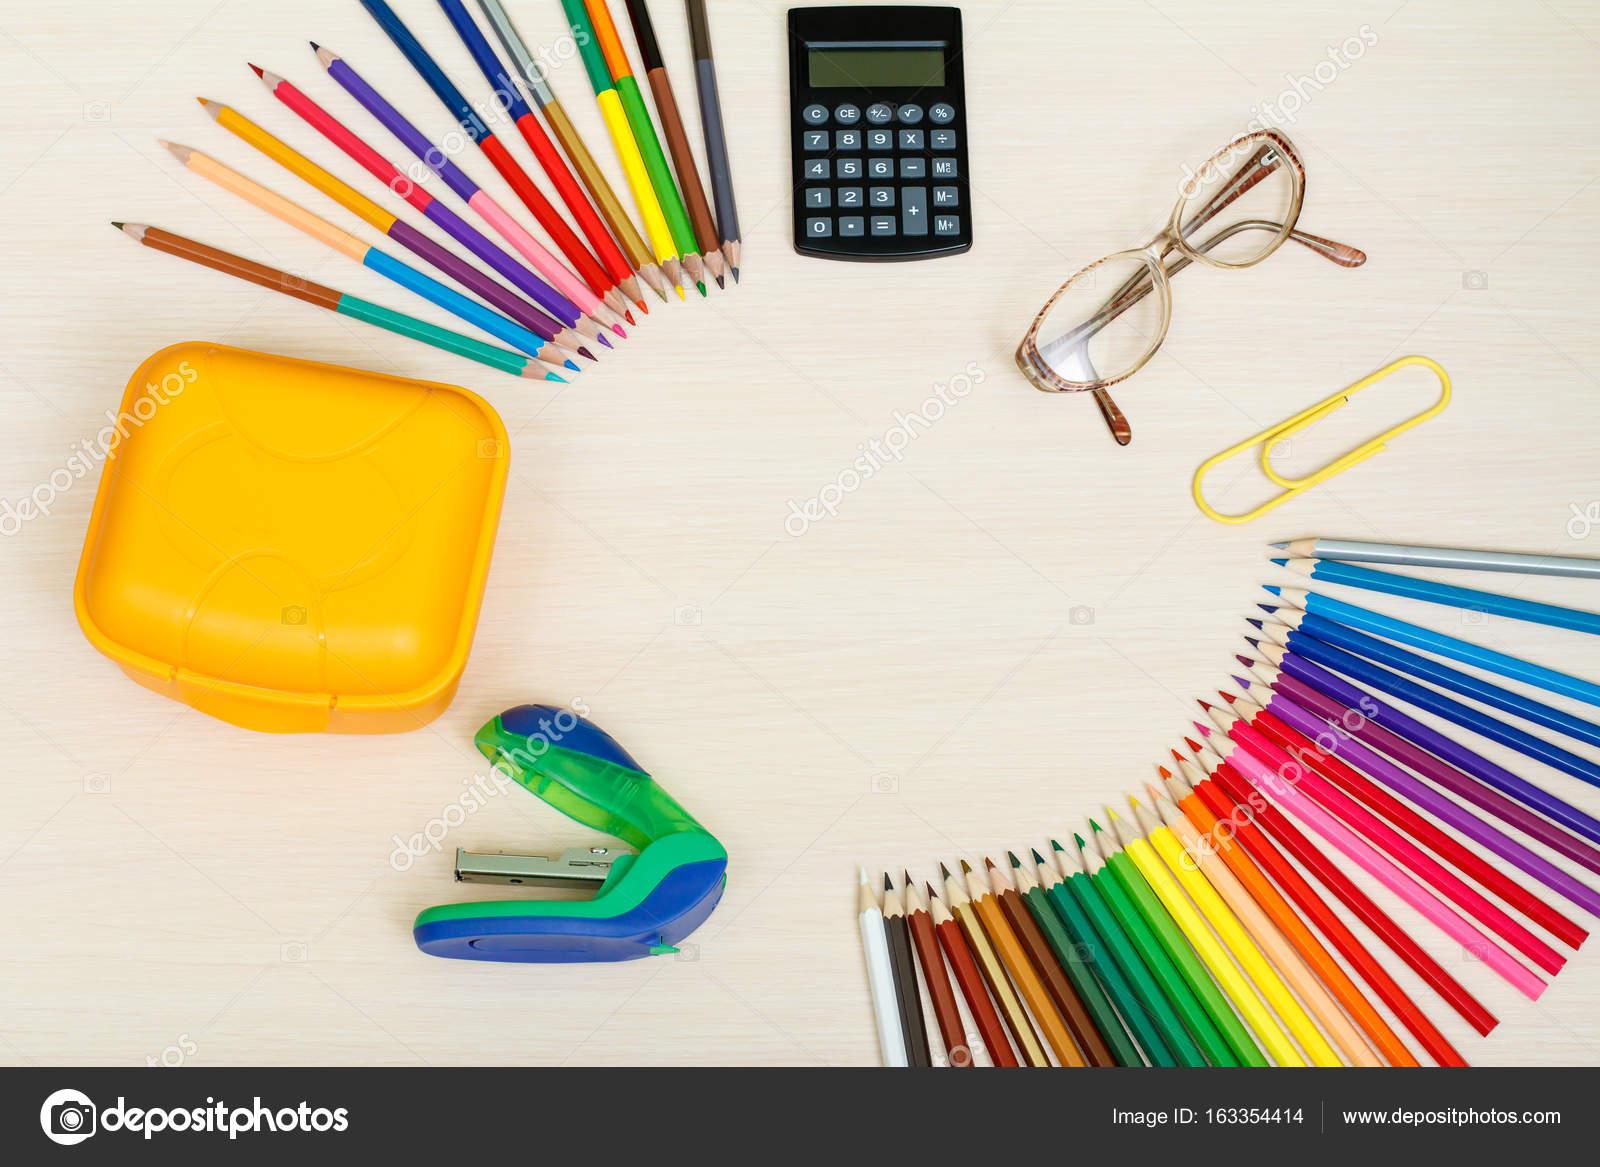 1fbfd6e46a Σχολικά είδη. Μολύβια χρώματος